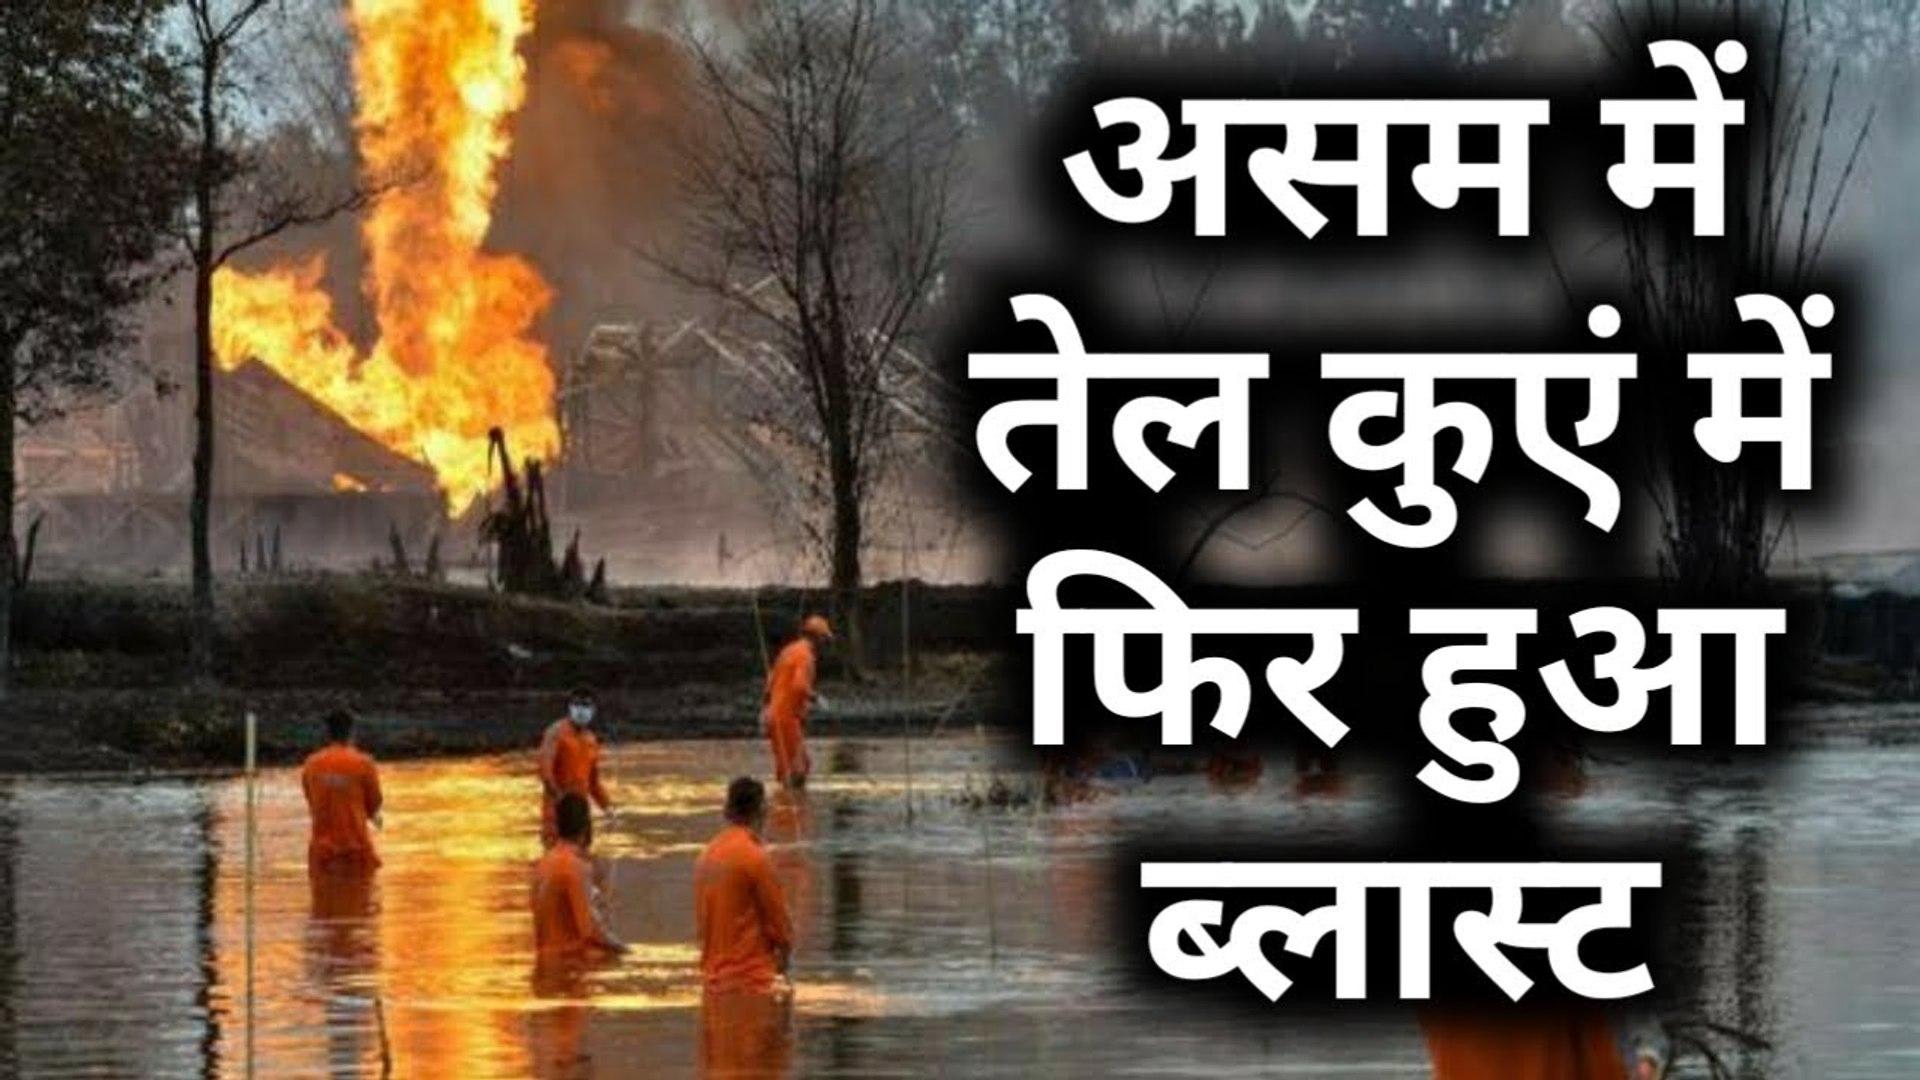 Assam में तेल के कुएं के पास Blast और पिथौरागढ़ में तीसरे दिन भी रेस्क्यू ऑपरेशन जारी